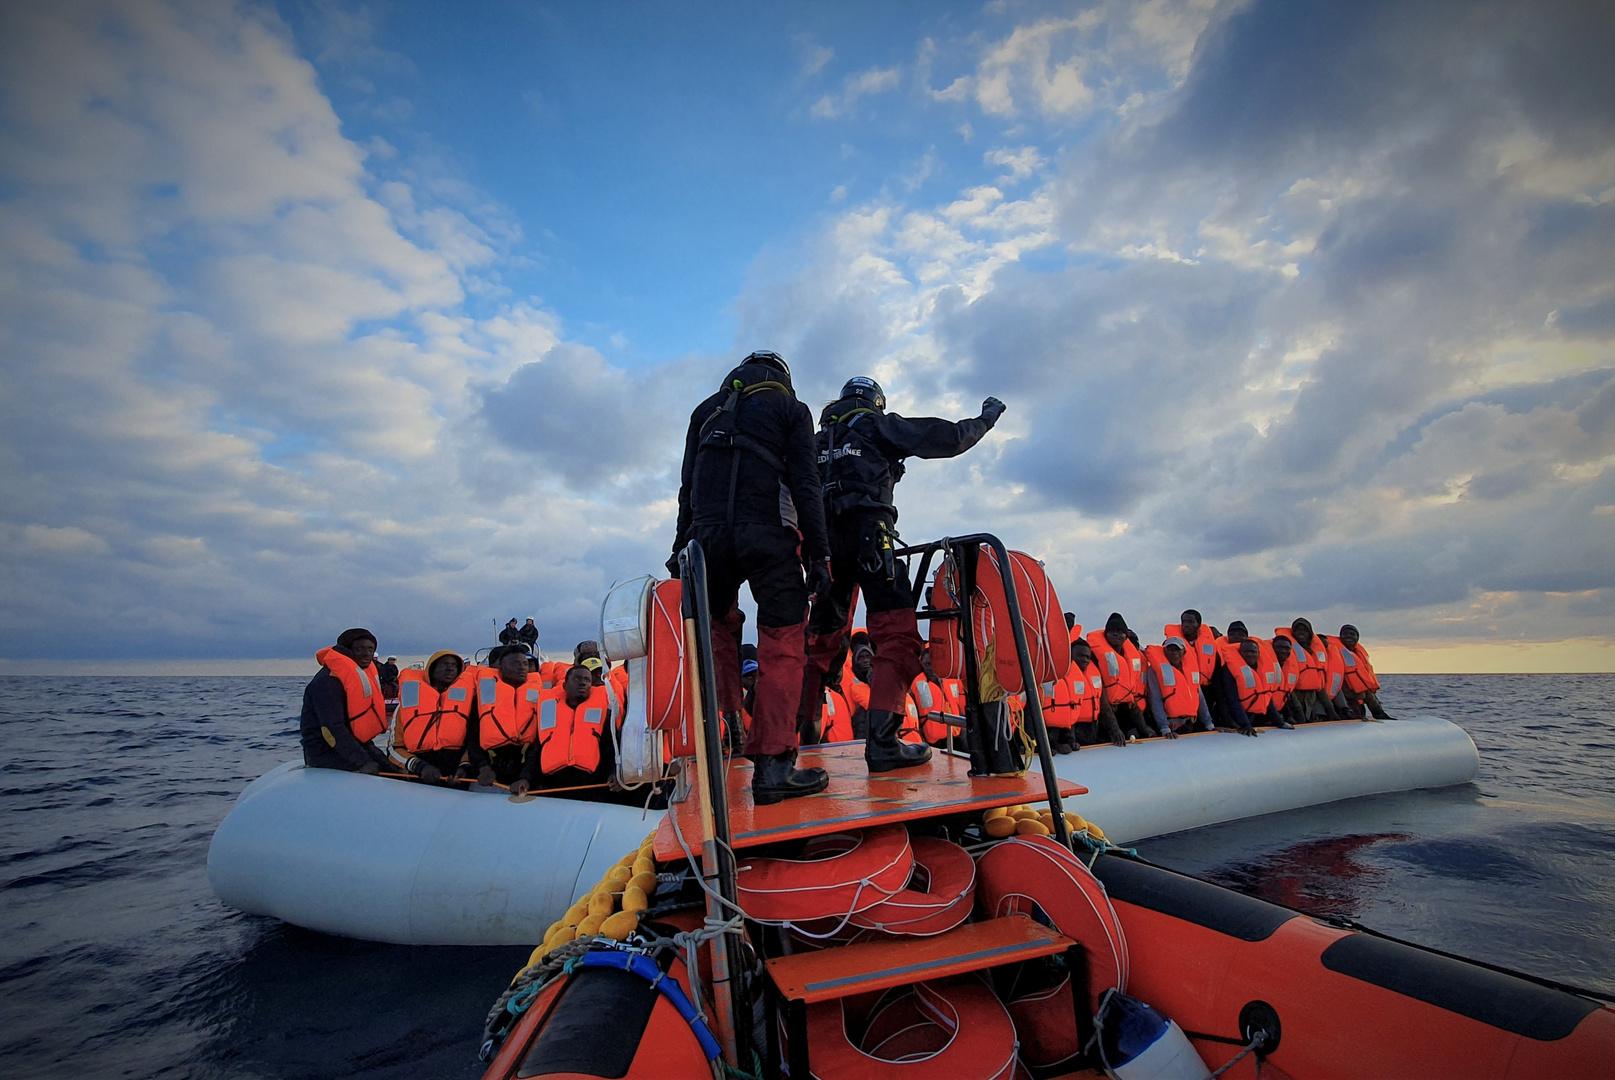 الأمم المتحدة: مصرع 43 مهاجرا بأول حادثة غرق قارب في المتوسط هذا العام